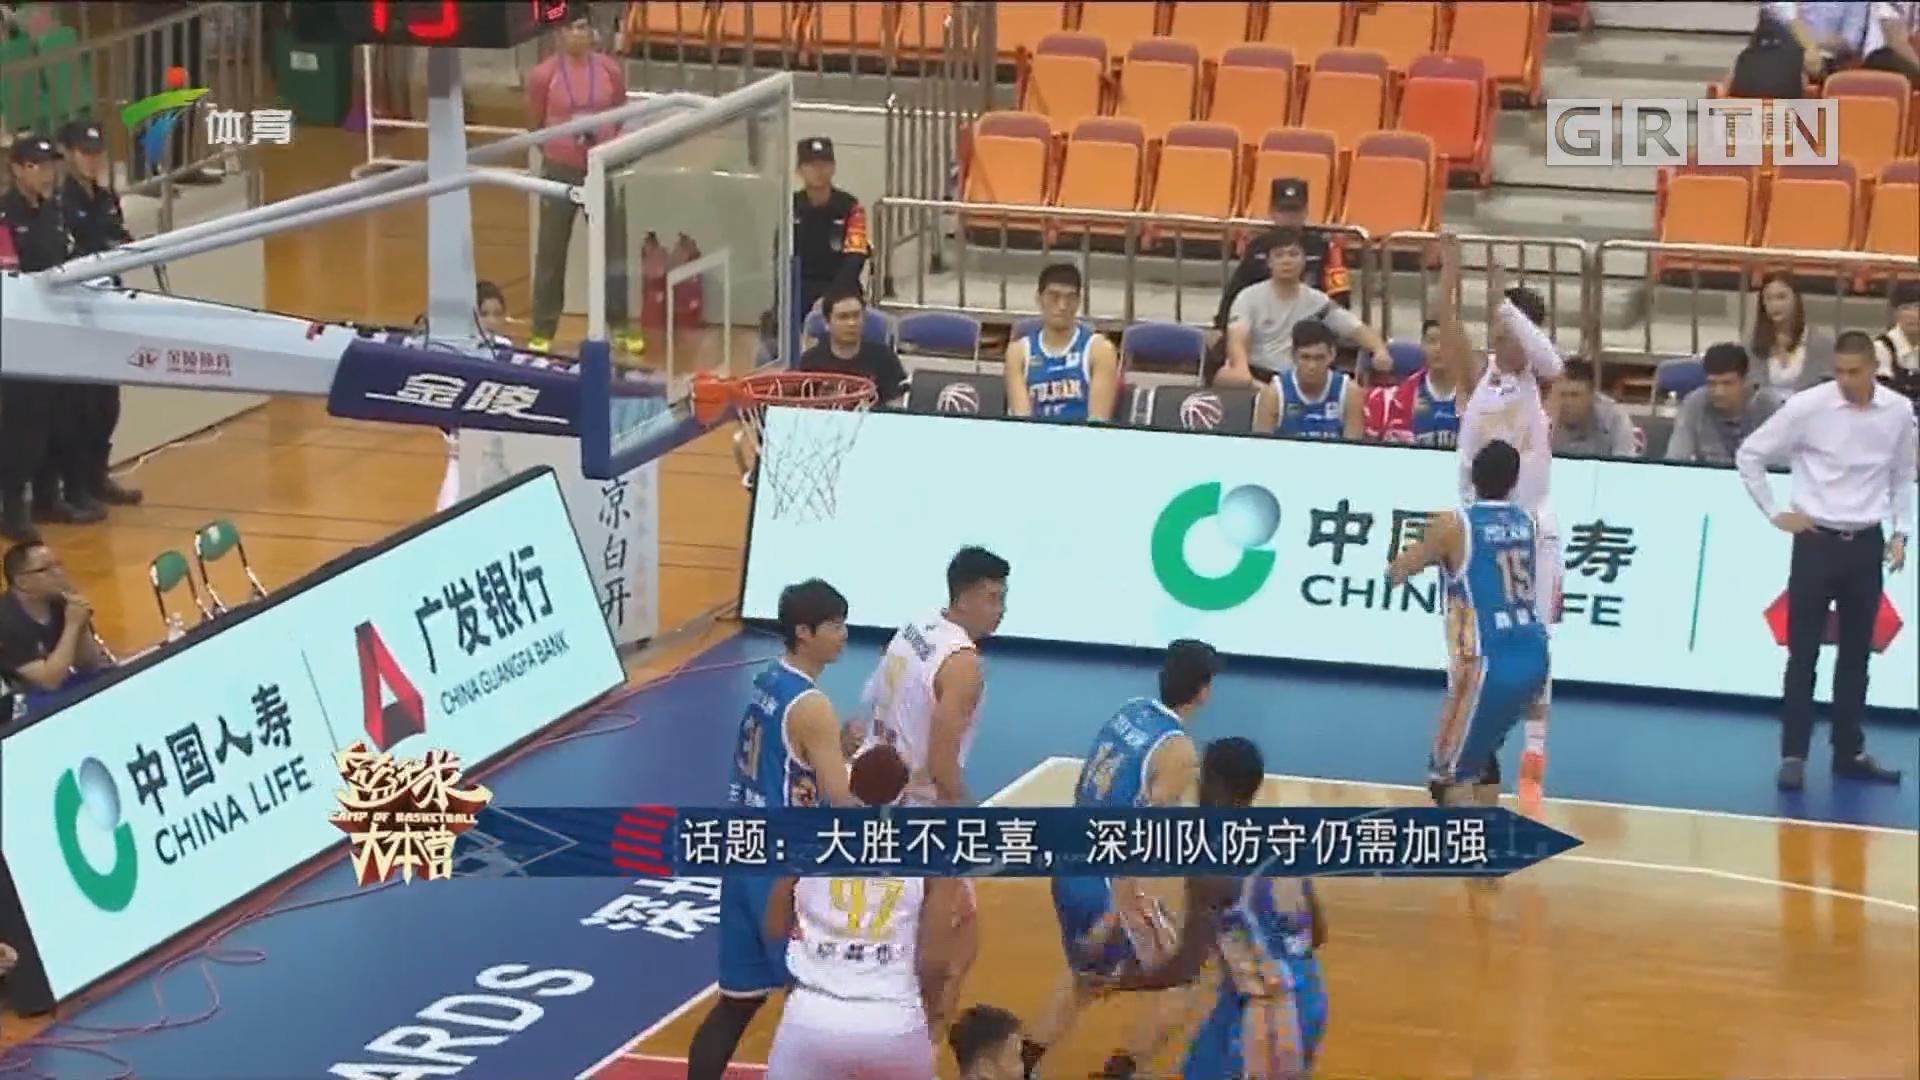 话题:大胜不足喜,深圳队防守仍需加强